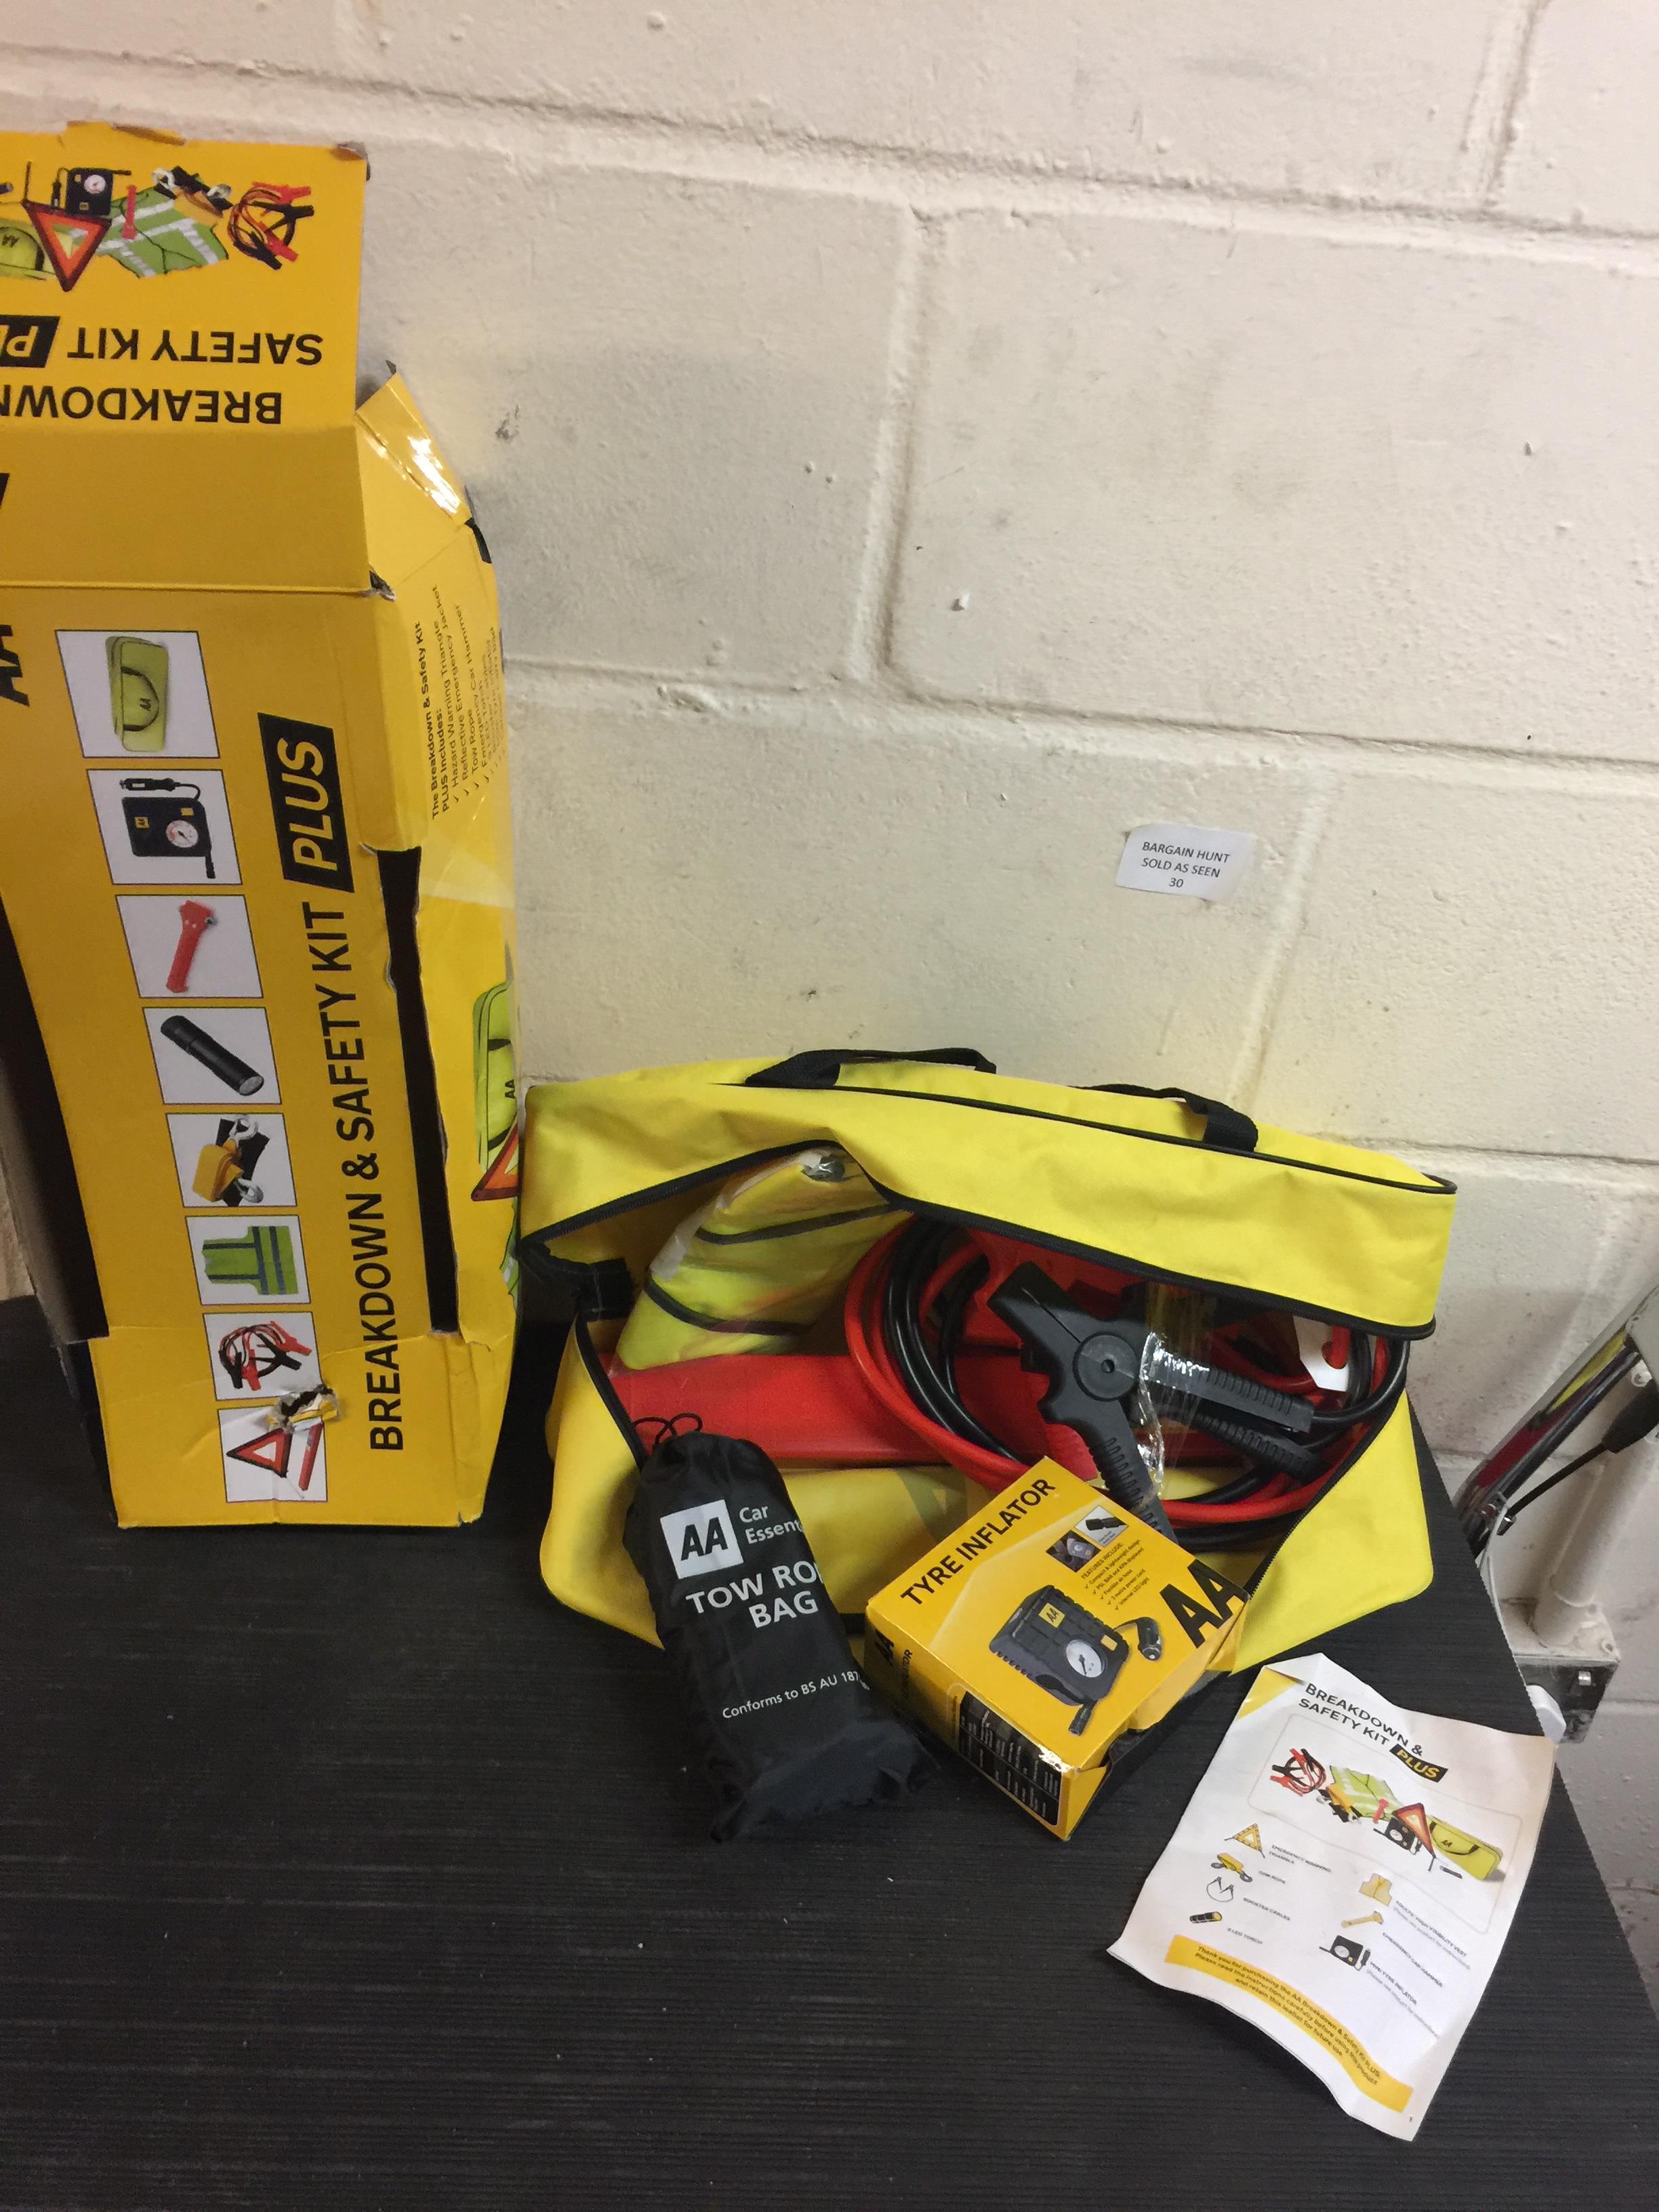 Lot 30 - AA Breakdown & Safety Kit Plus